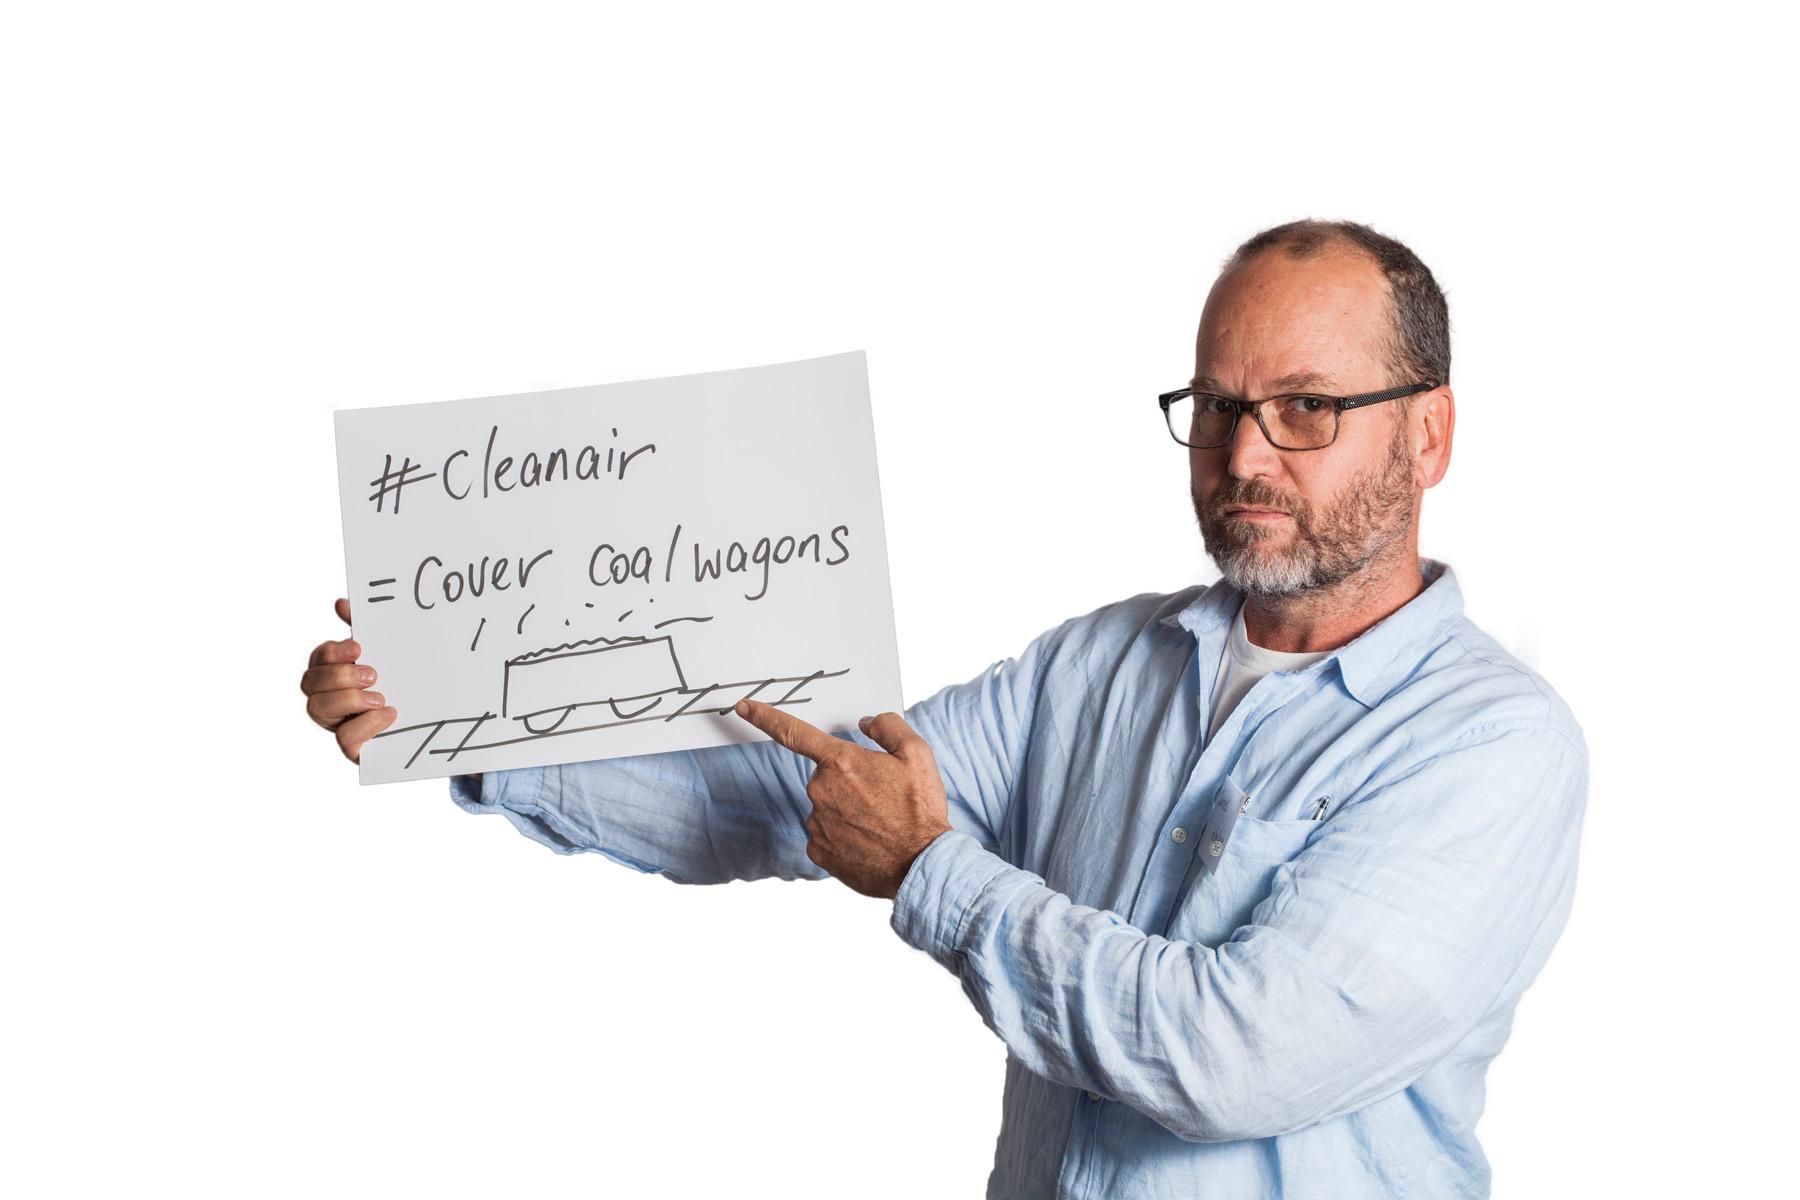 clean_air_cover_coal_wagons.jpg